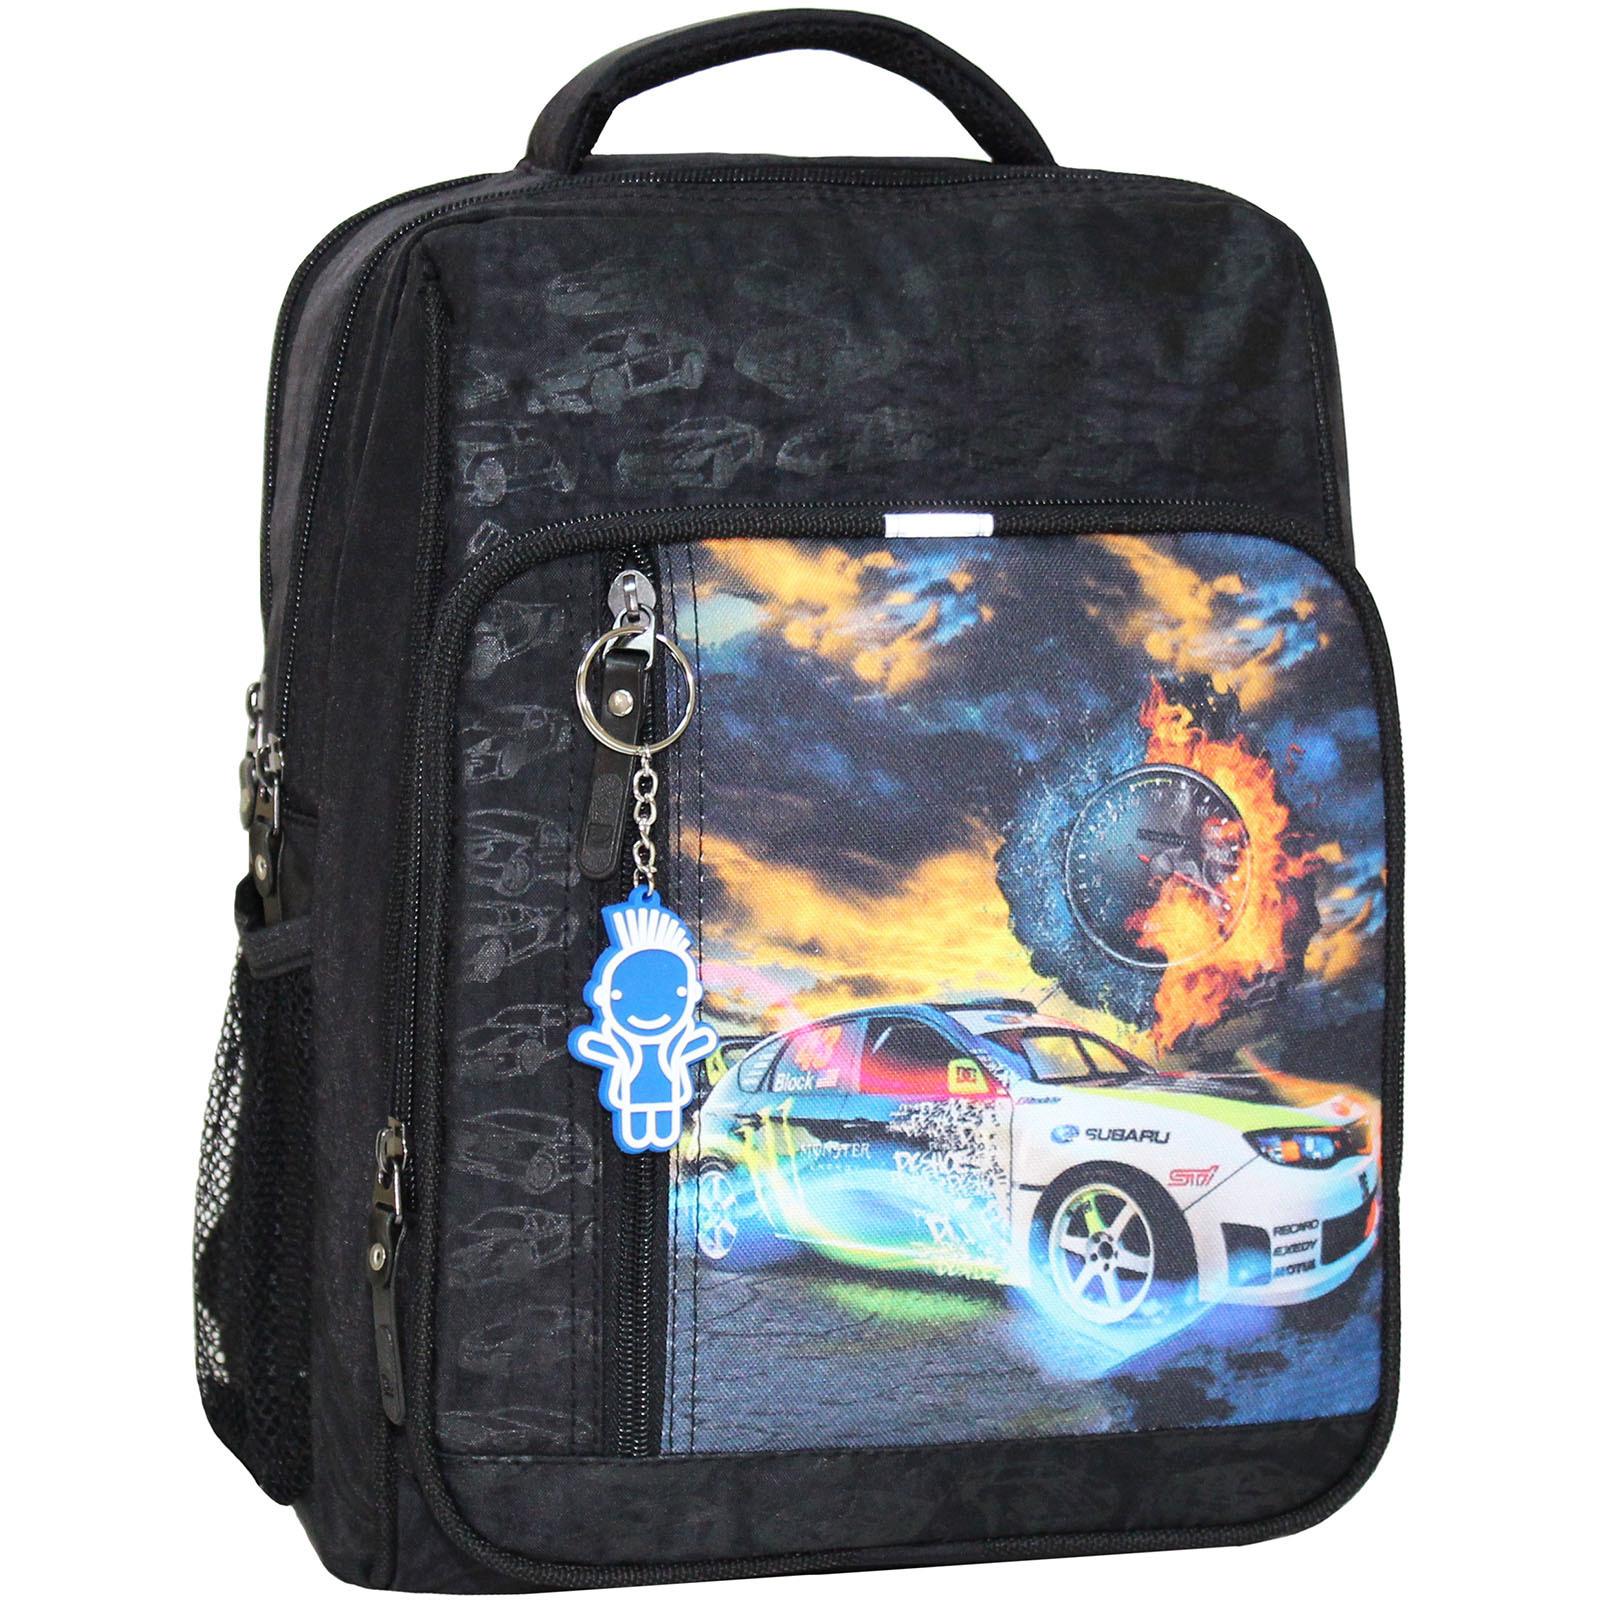 Школьные рюкзаки Рюкзак школьный Bagland Школьник 8 л. Черный 18м (0012870) IMG_4449.JPG